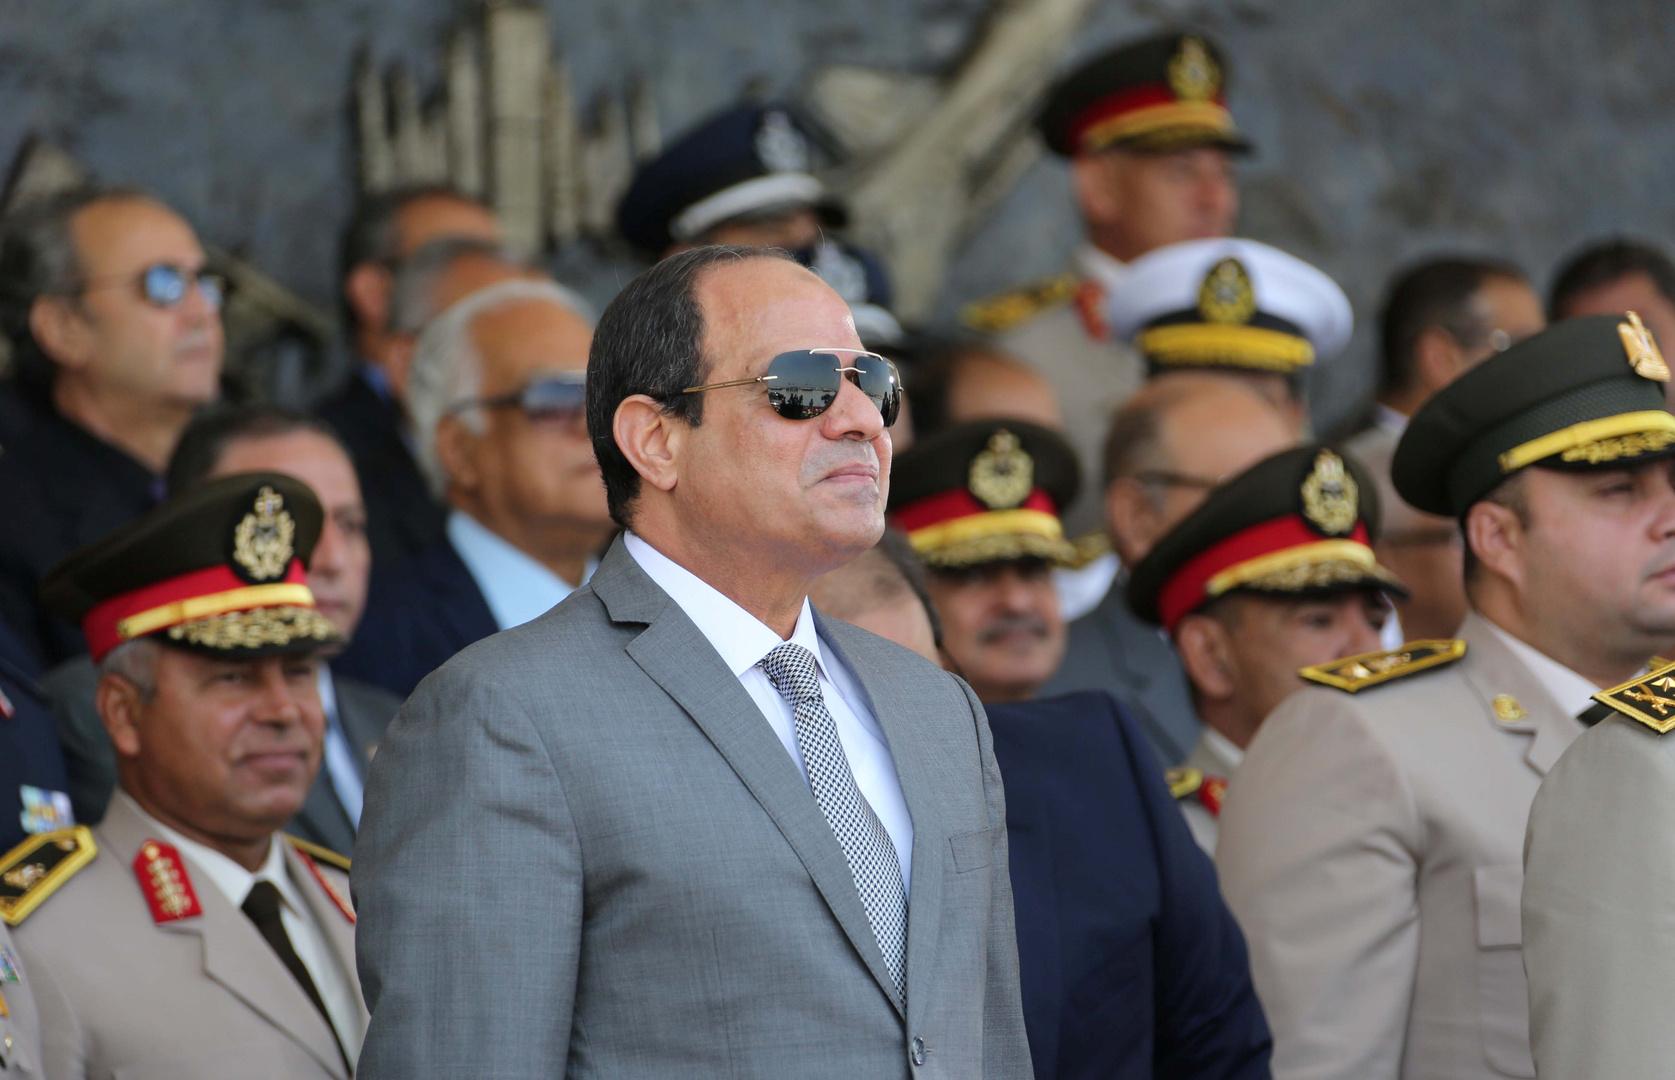 برلماني: مجلس النواب المصري يناقش تفويض السيسي بإرسال قوات إلى ليبيا